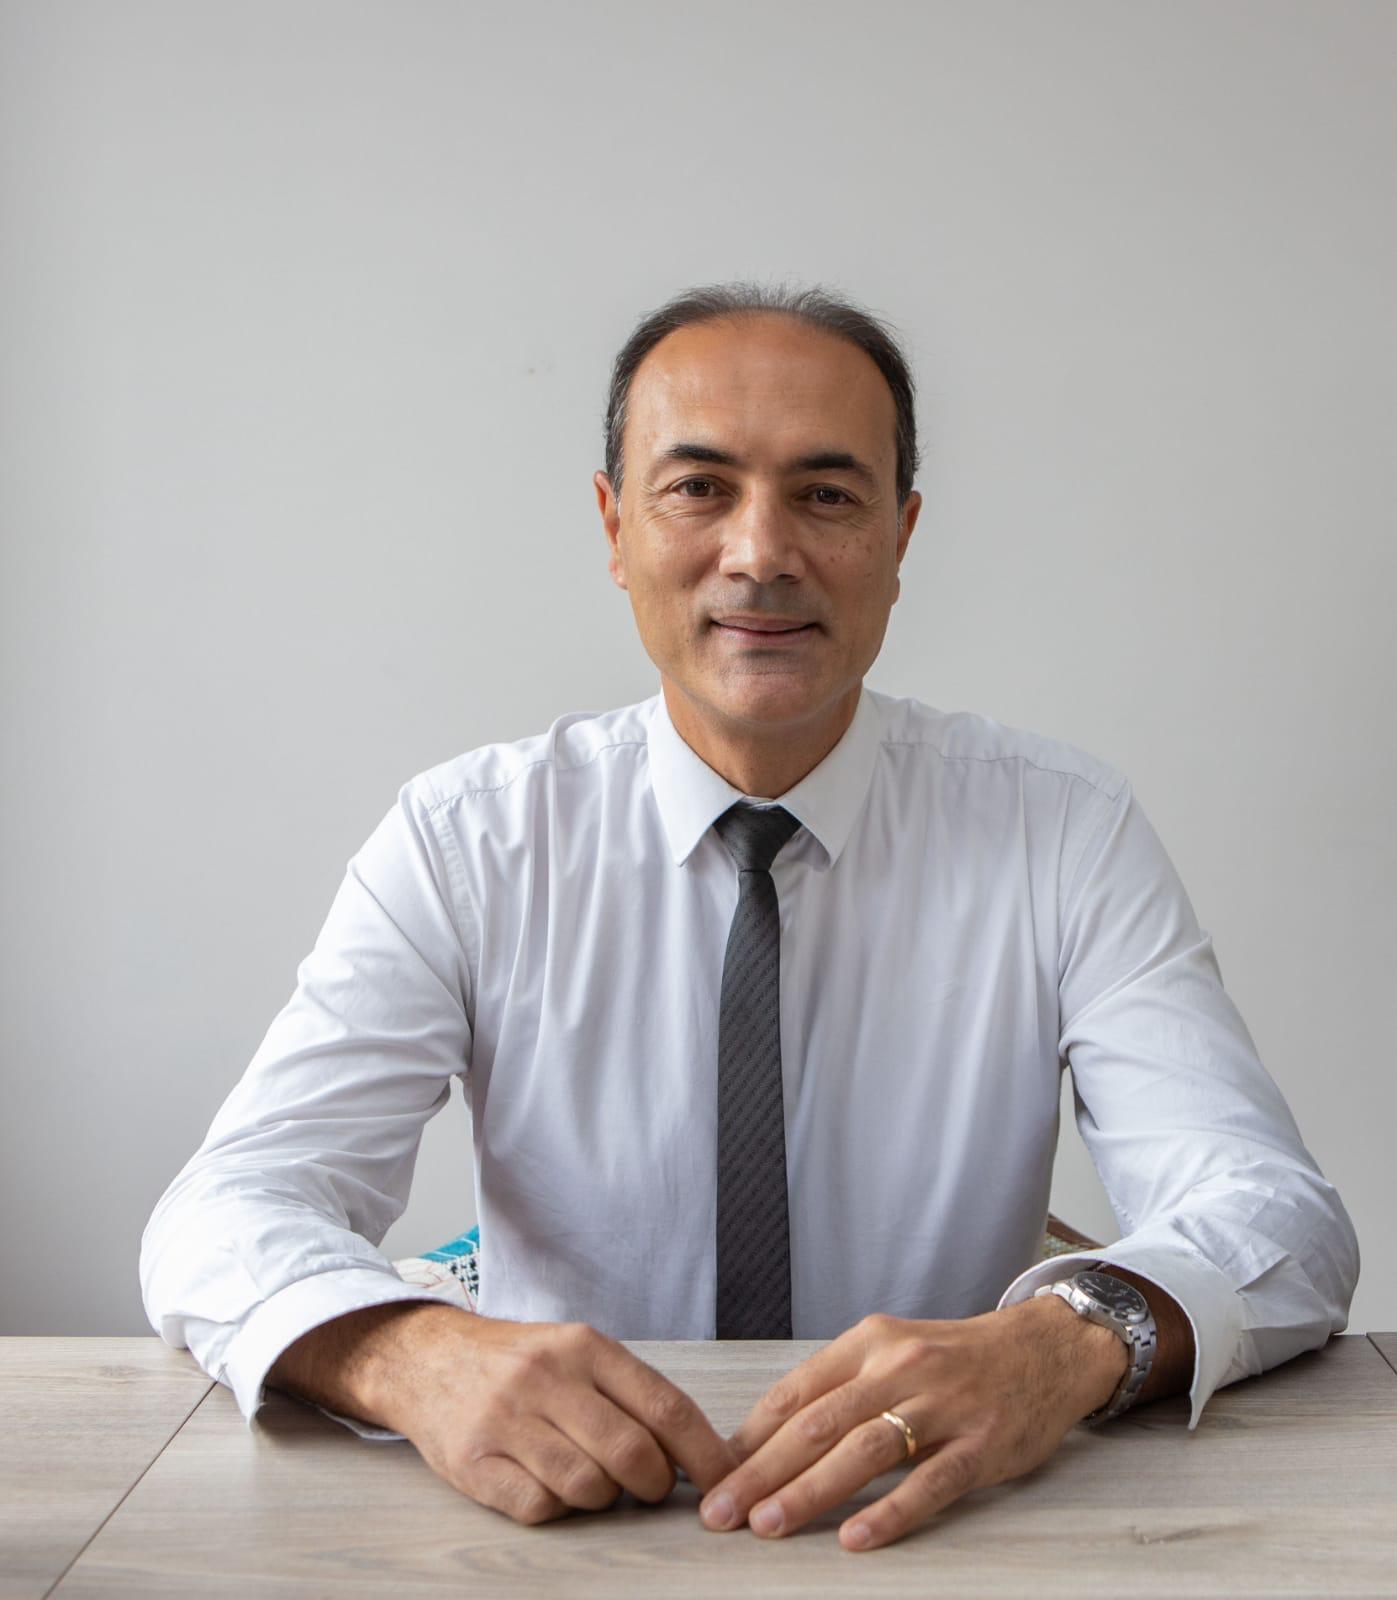 Emergenza rifiuti e caso Avr, Giannetta: «Il sindaco mistifica i fatti. Porteremo in Consiglio la voce degli operai»